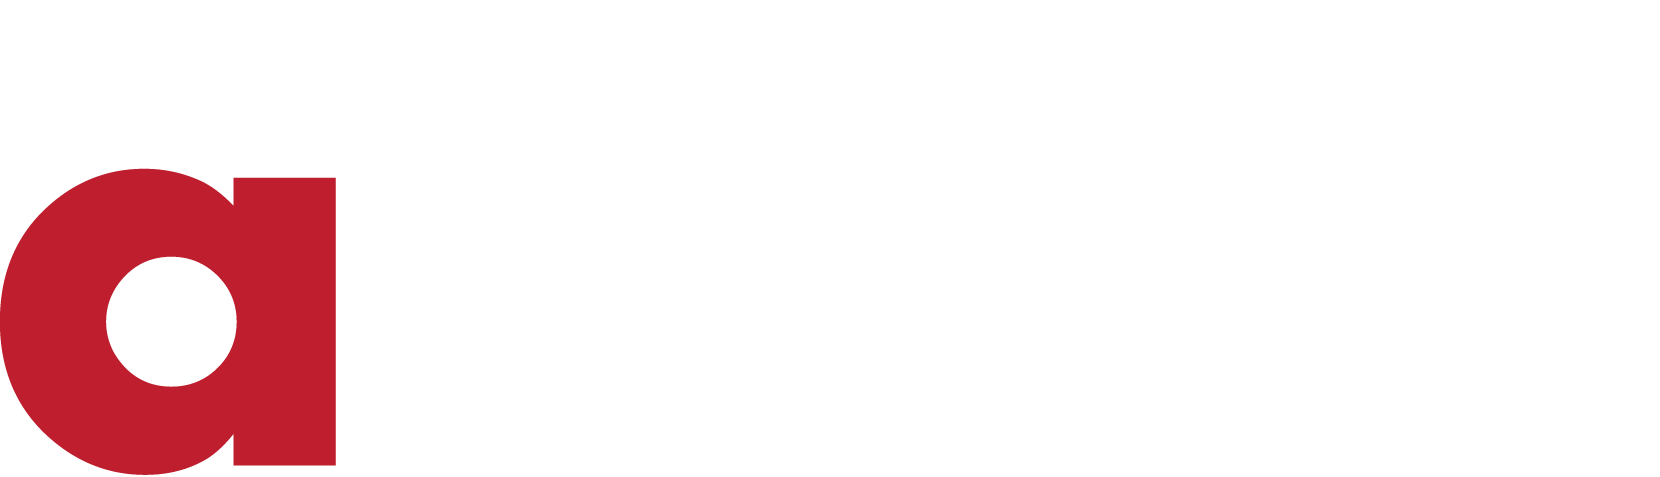 Adme.cz - Reklamní agentura